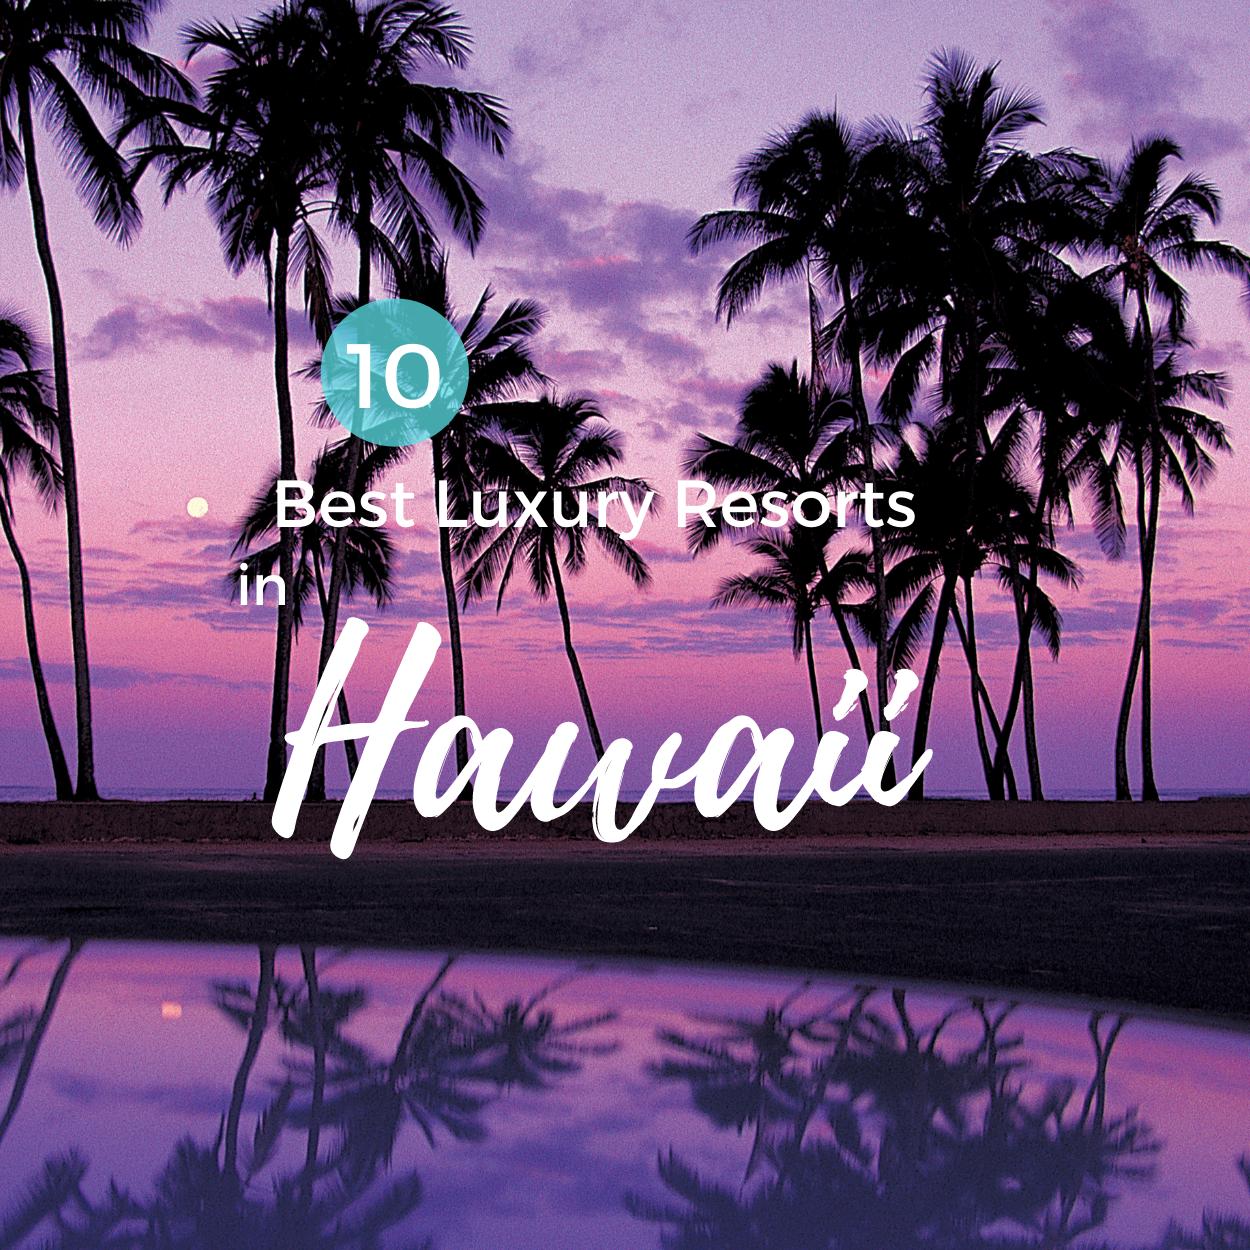 10 Favorite Luxury Resorts in Hawaii